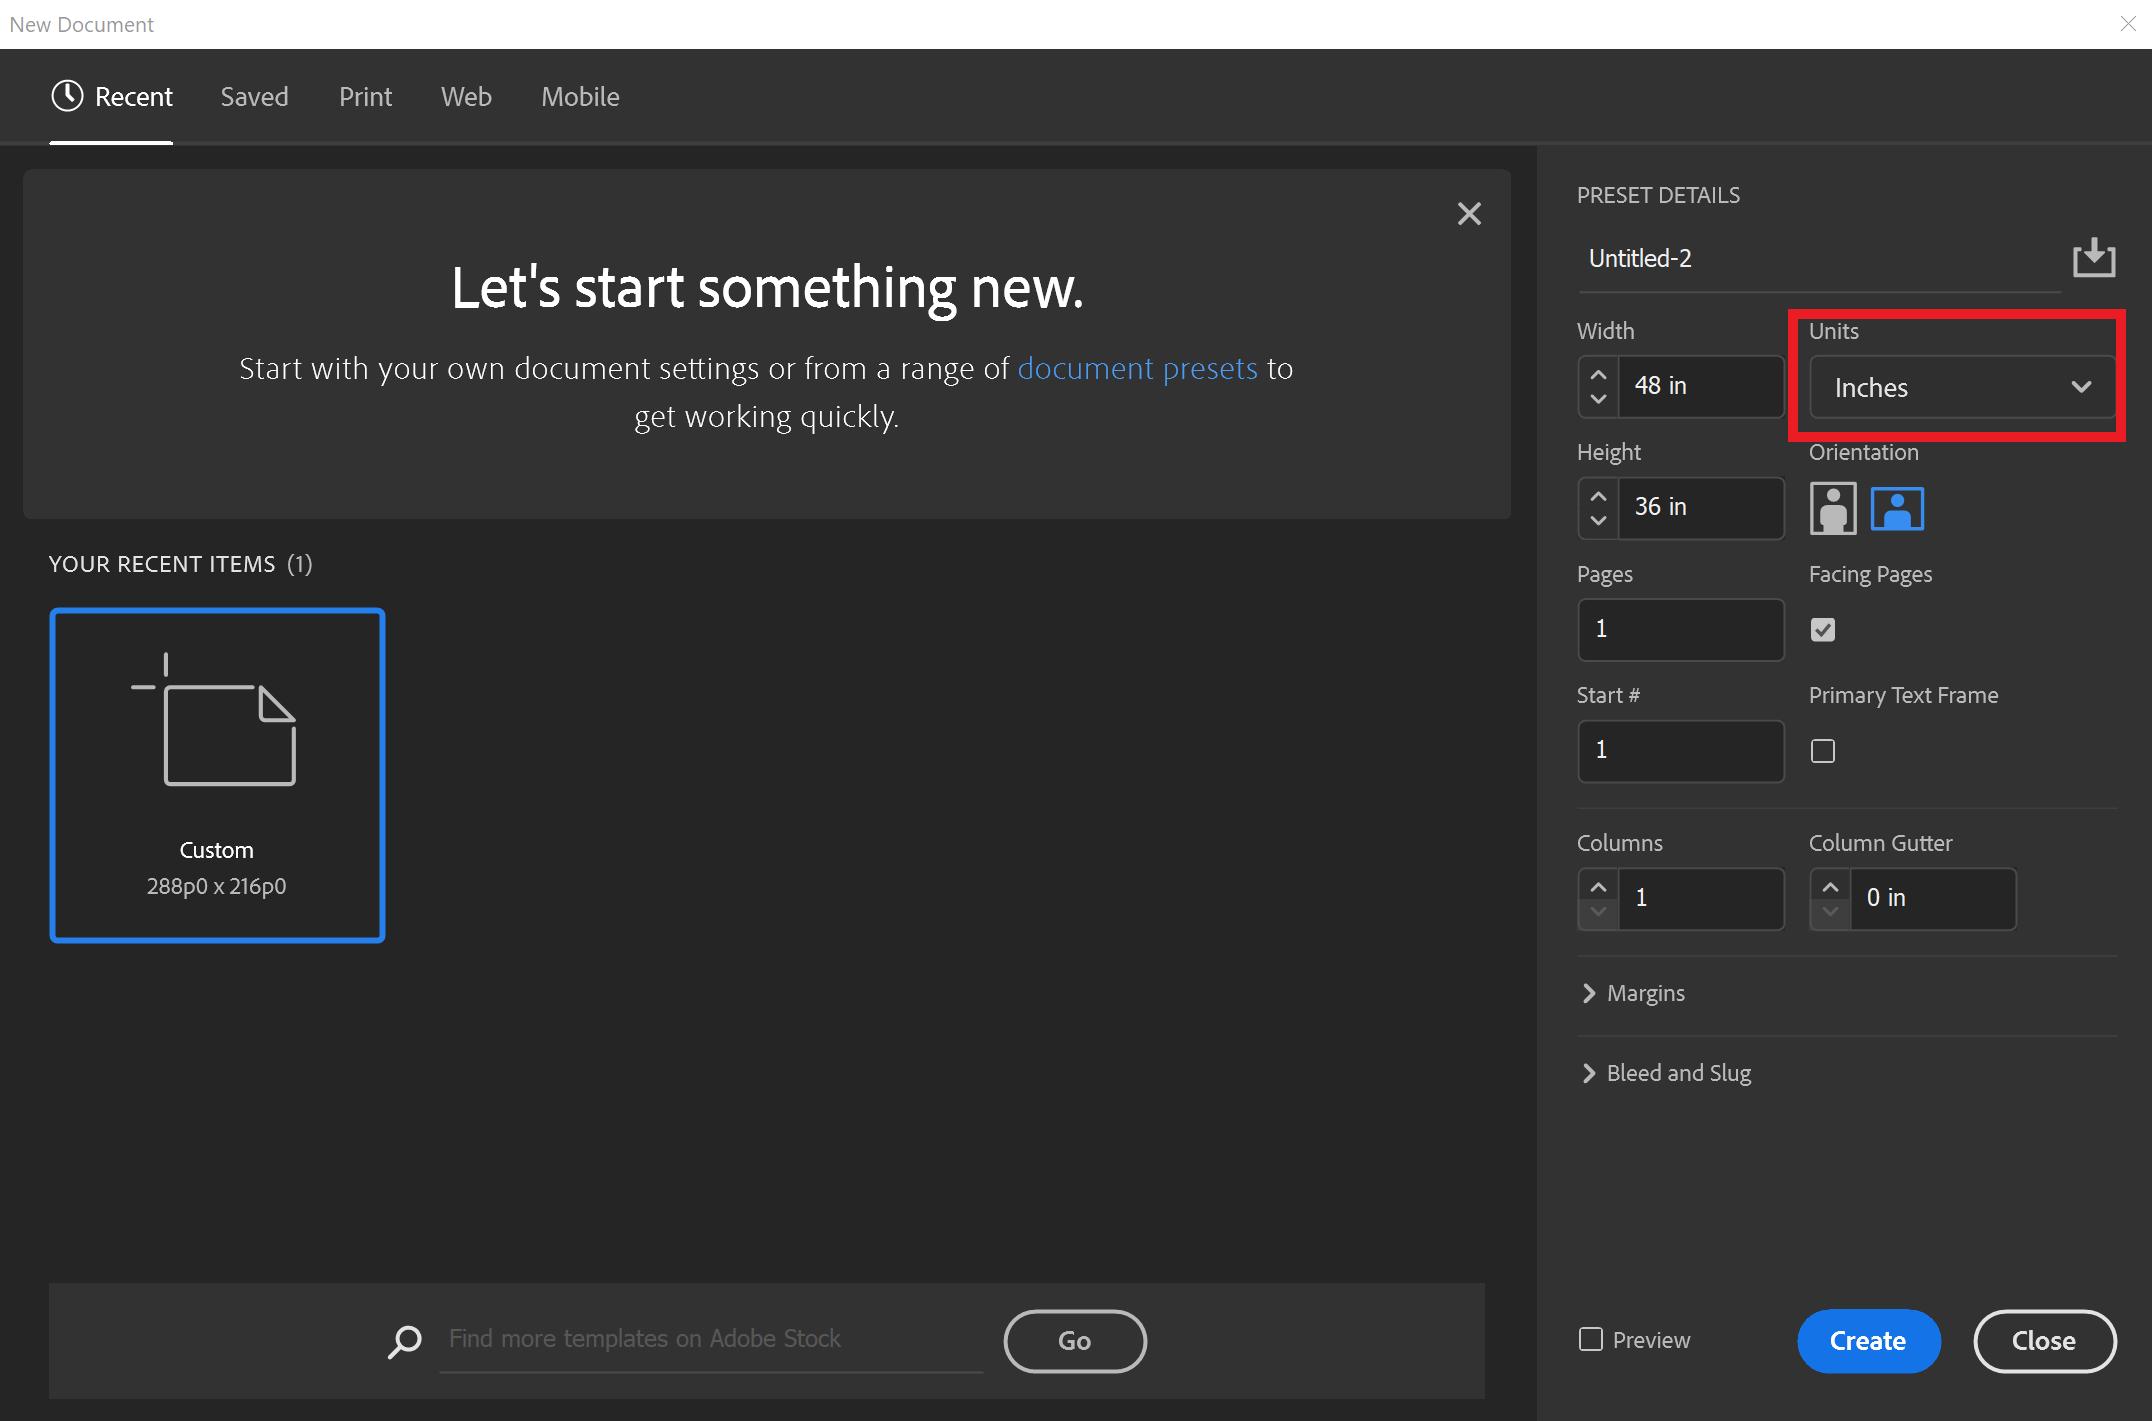 screenshot of Adobe InDesign create a document menu